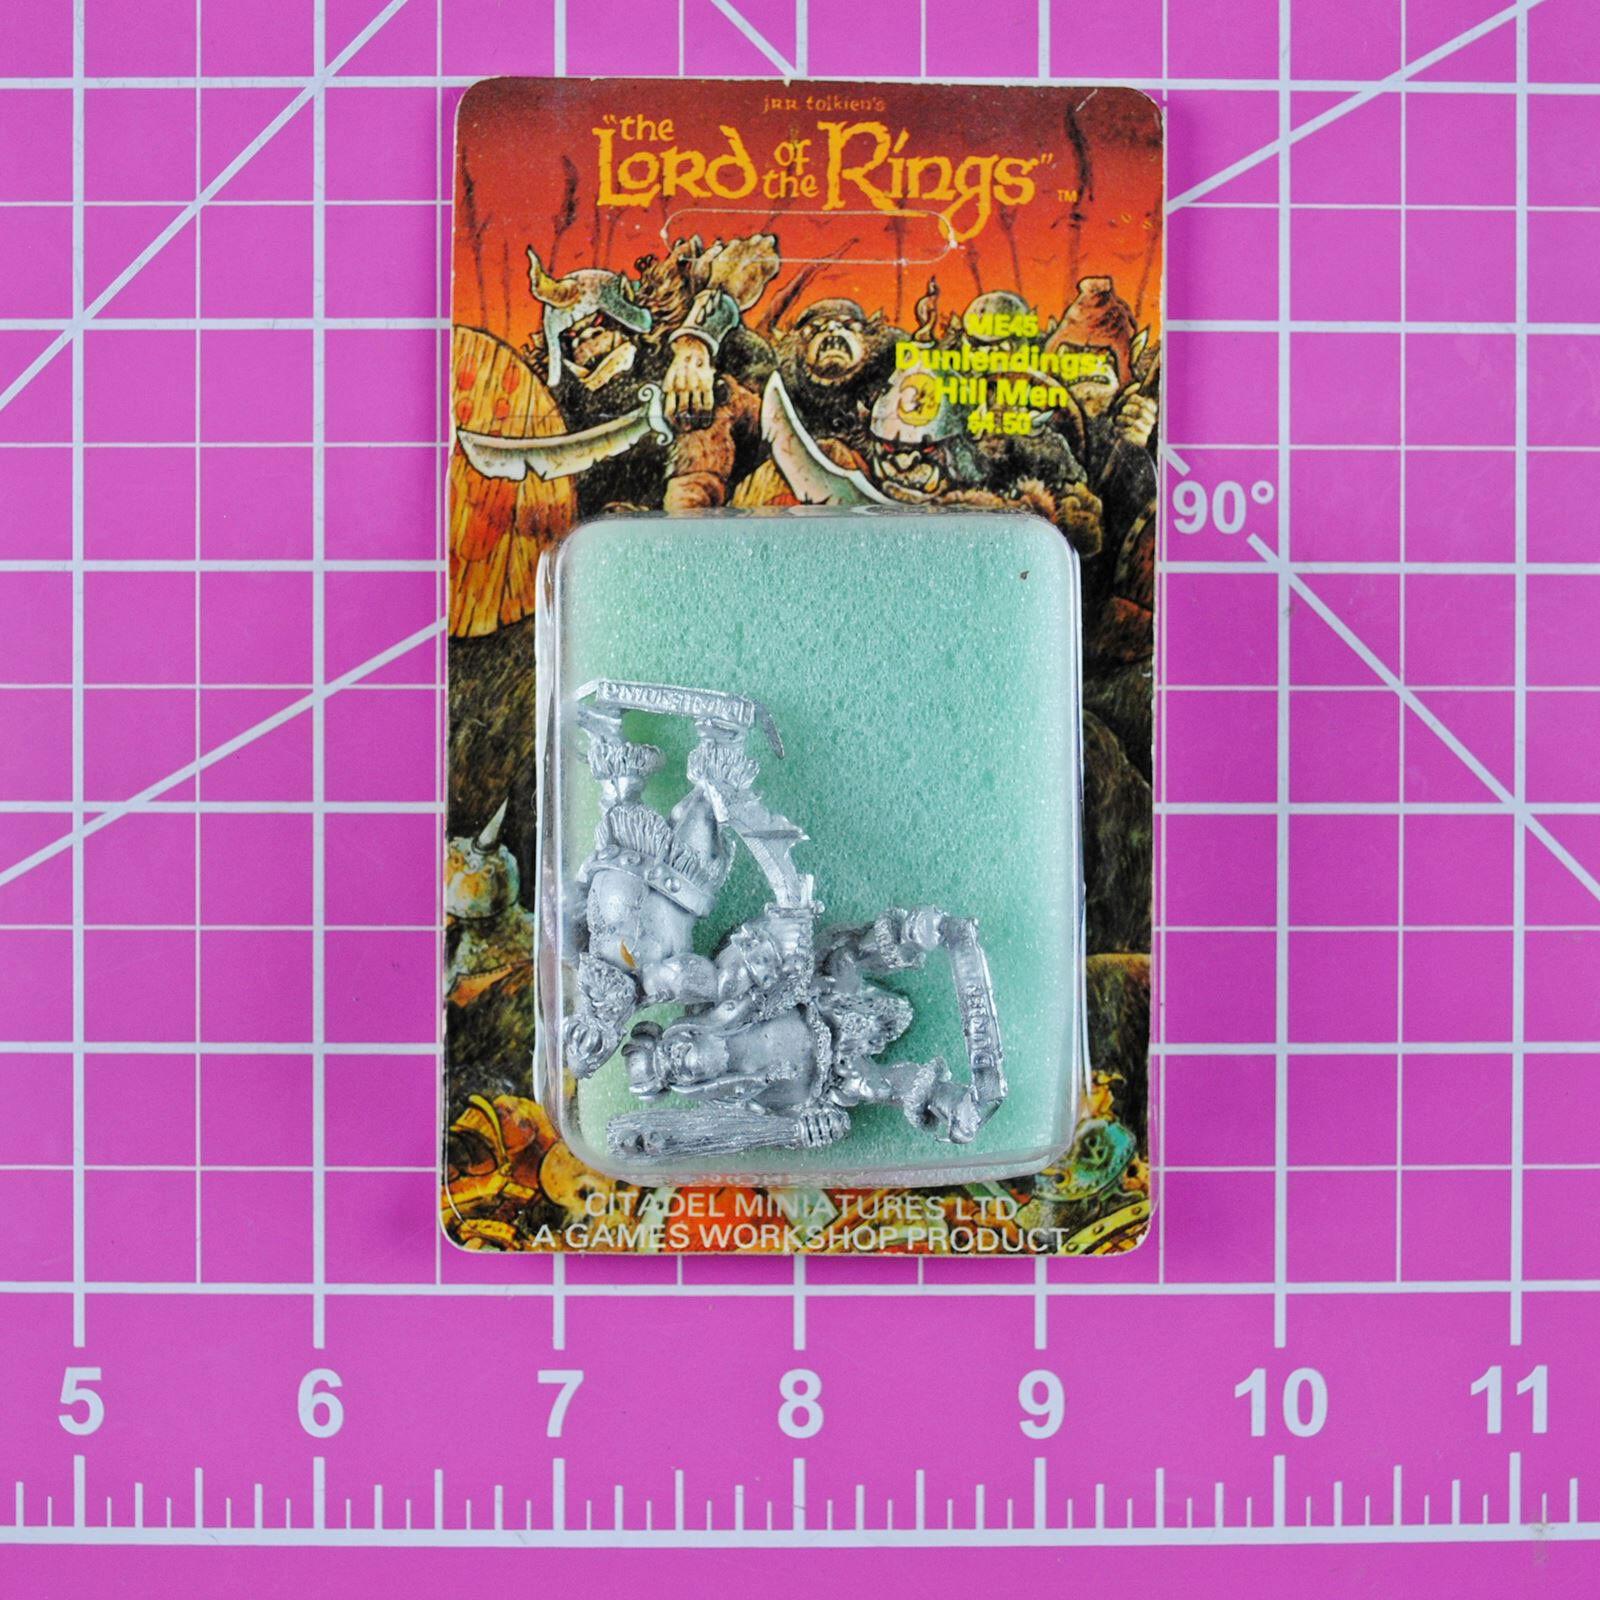 Citadel Lord of the Rings ME 44 Dunlendings Hillmen - Rare OOP LOTR Vintage ME44